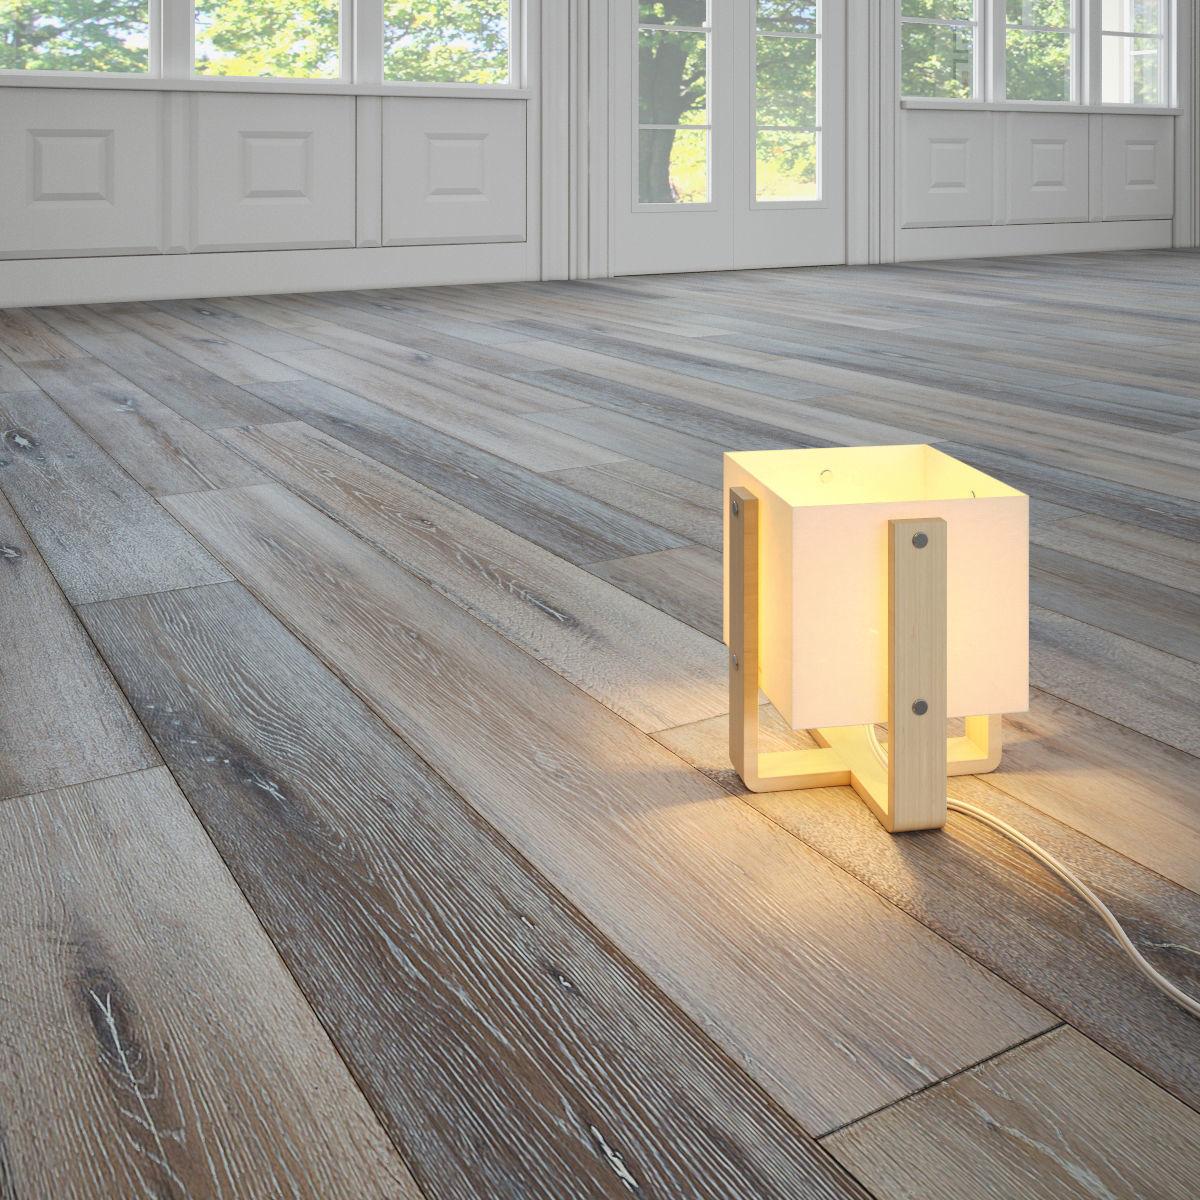 Et Cau St Moritz Wooden Floor By Ducau